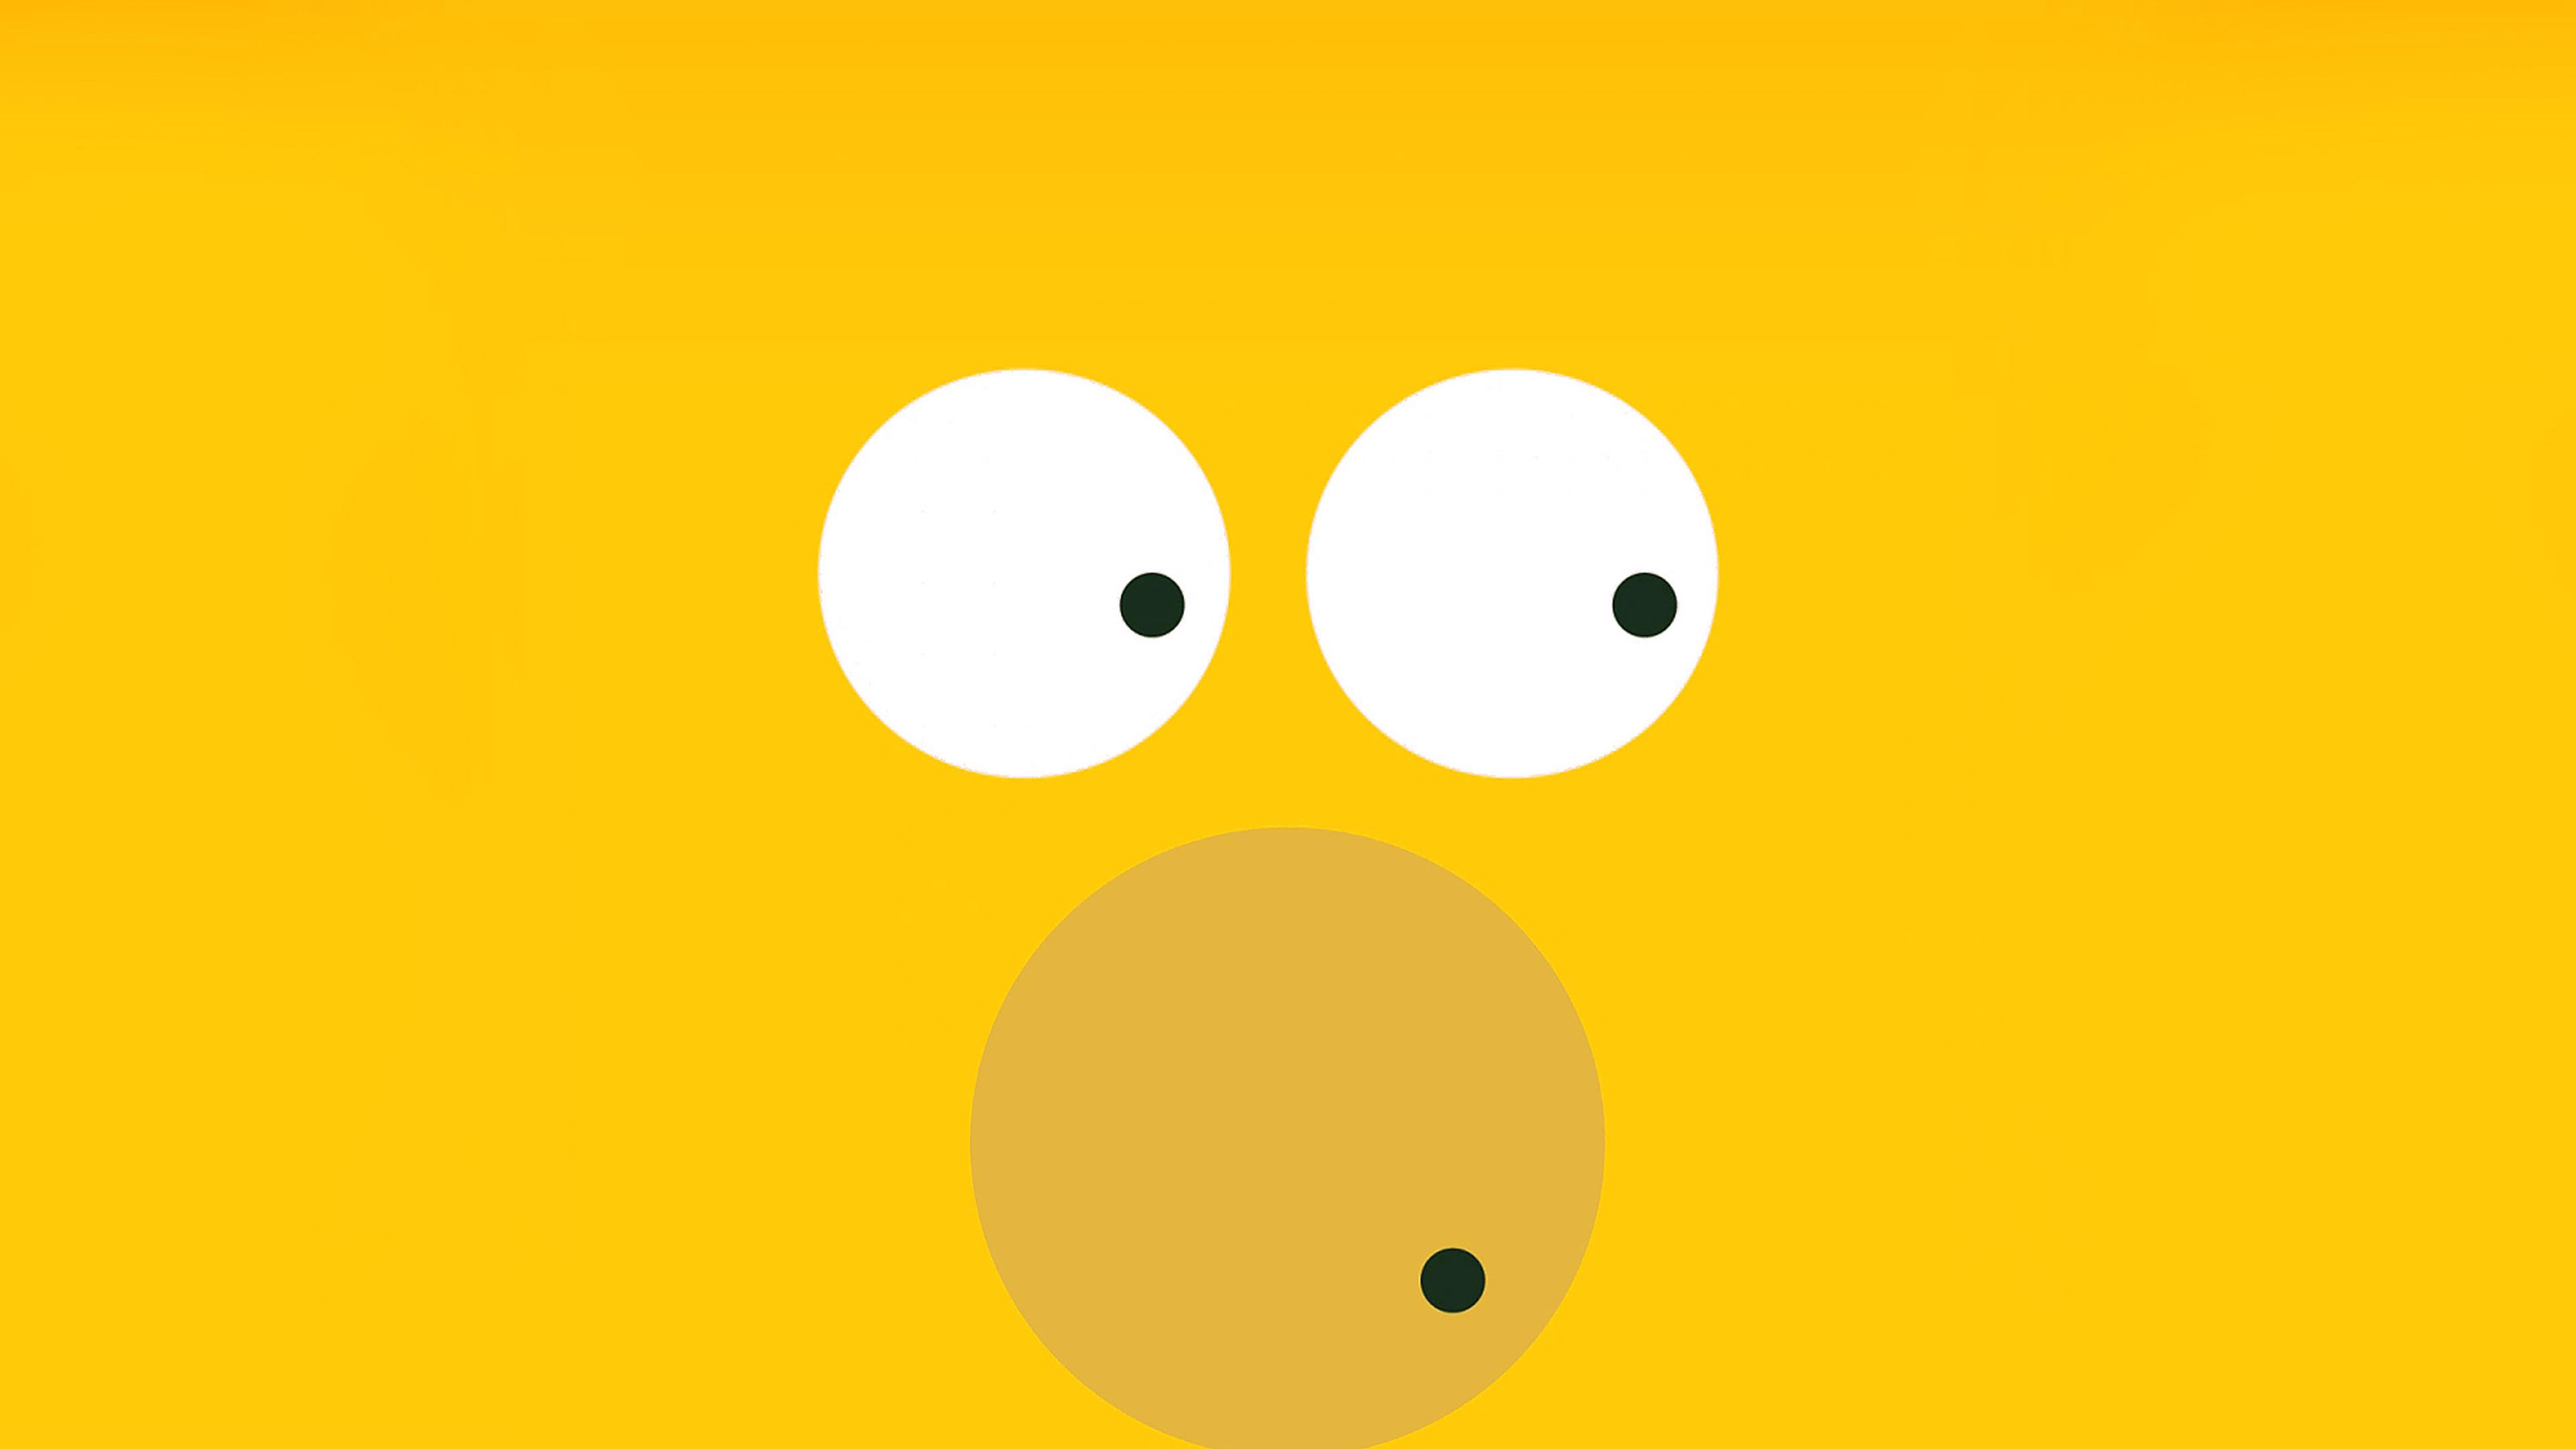 Aa30 6 Circles Homer Simpson Illust Minimal Art Papersco